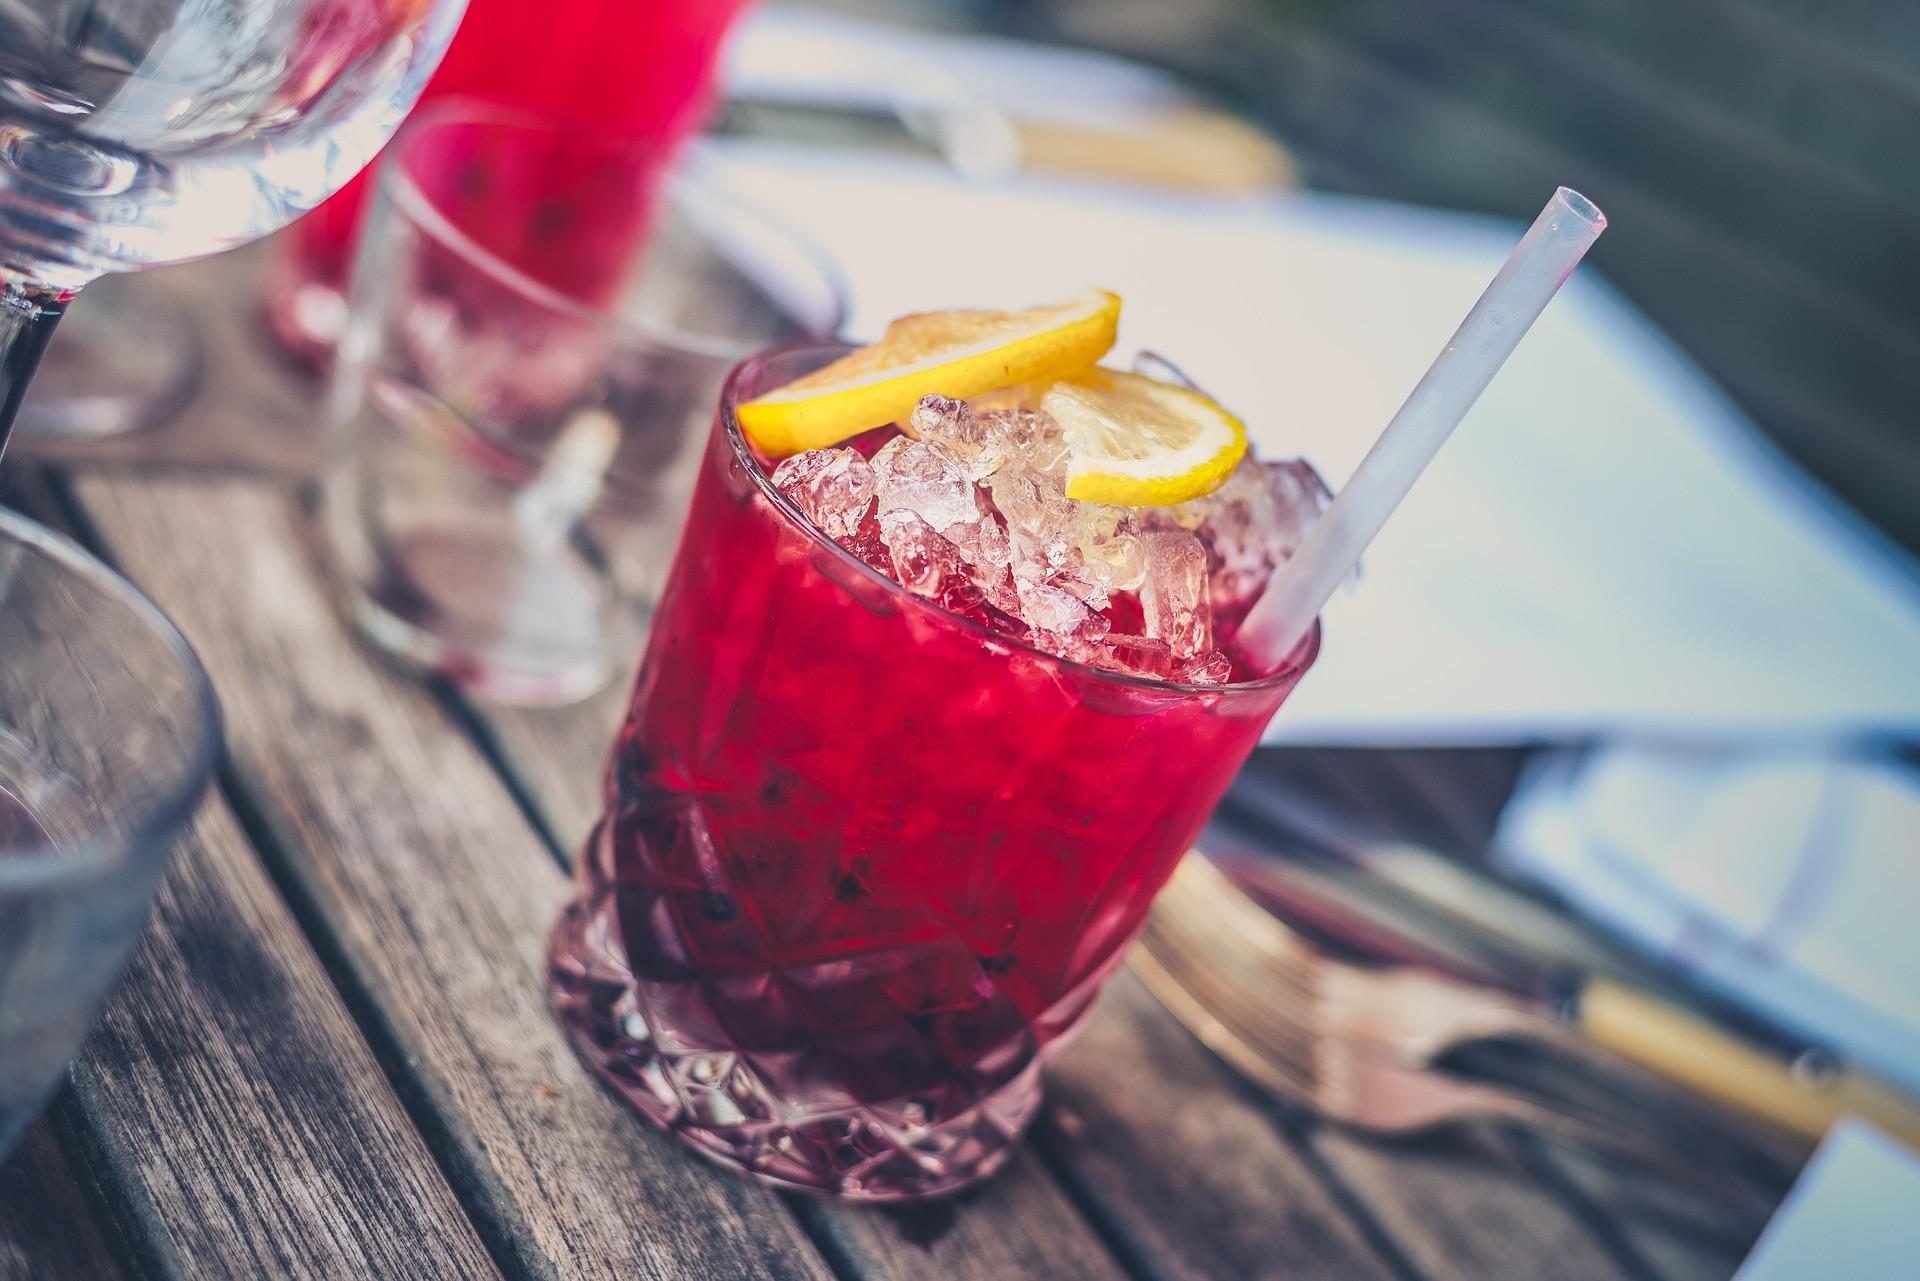 ▲飲料。(圖/取自免費圖庫Pixabay)